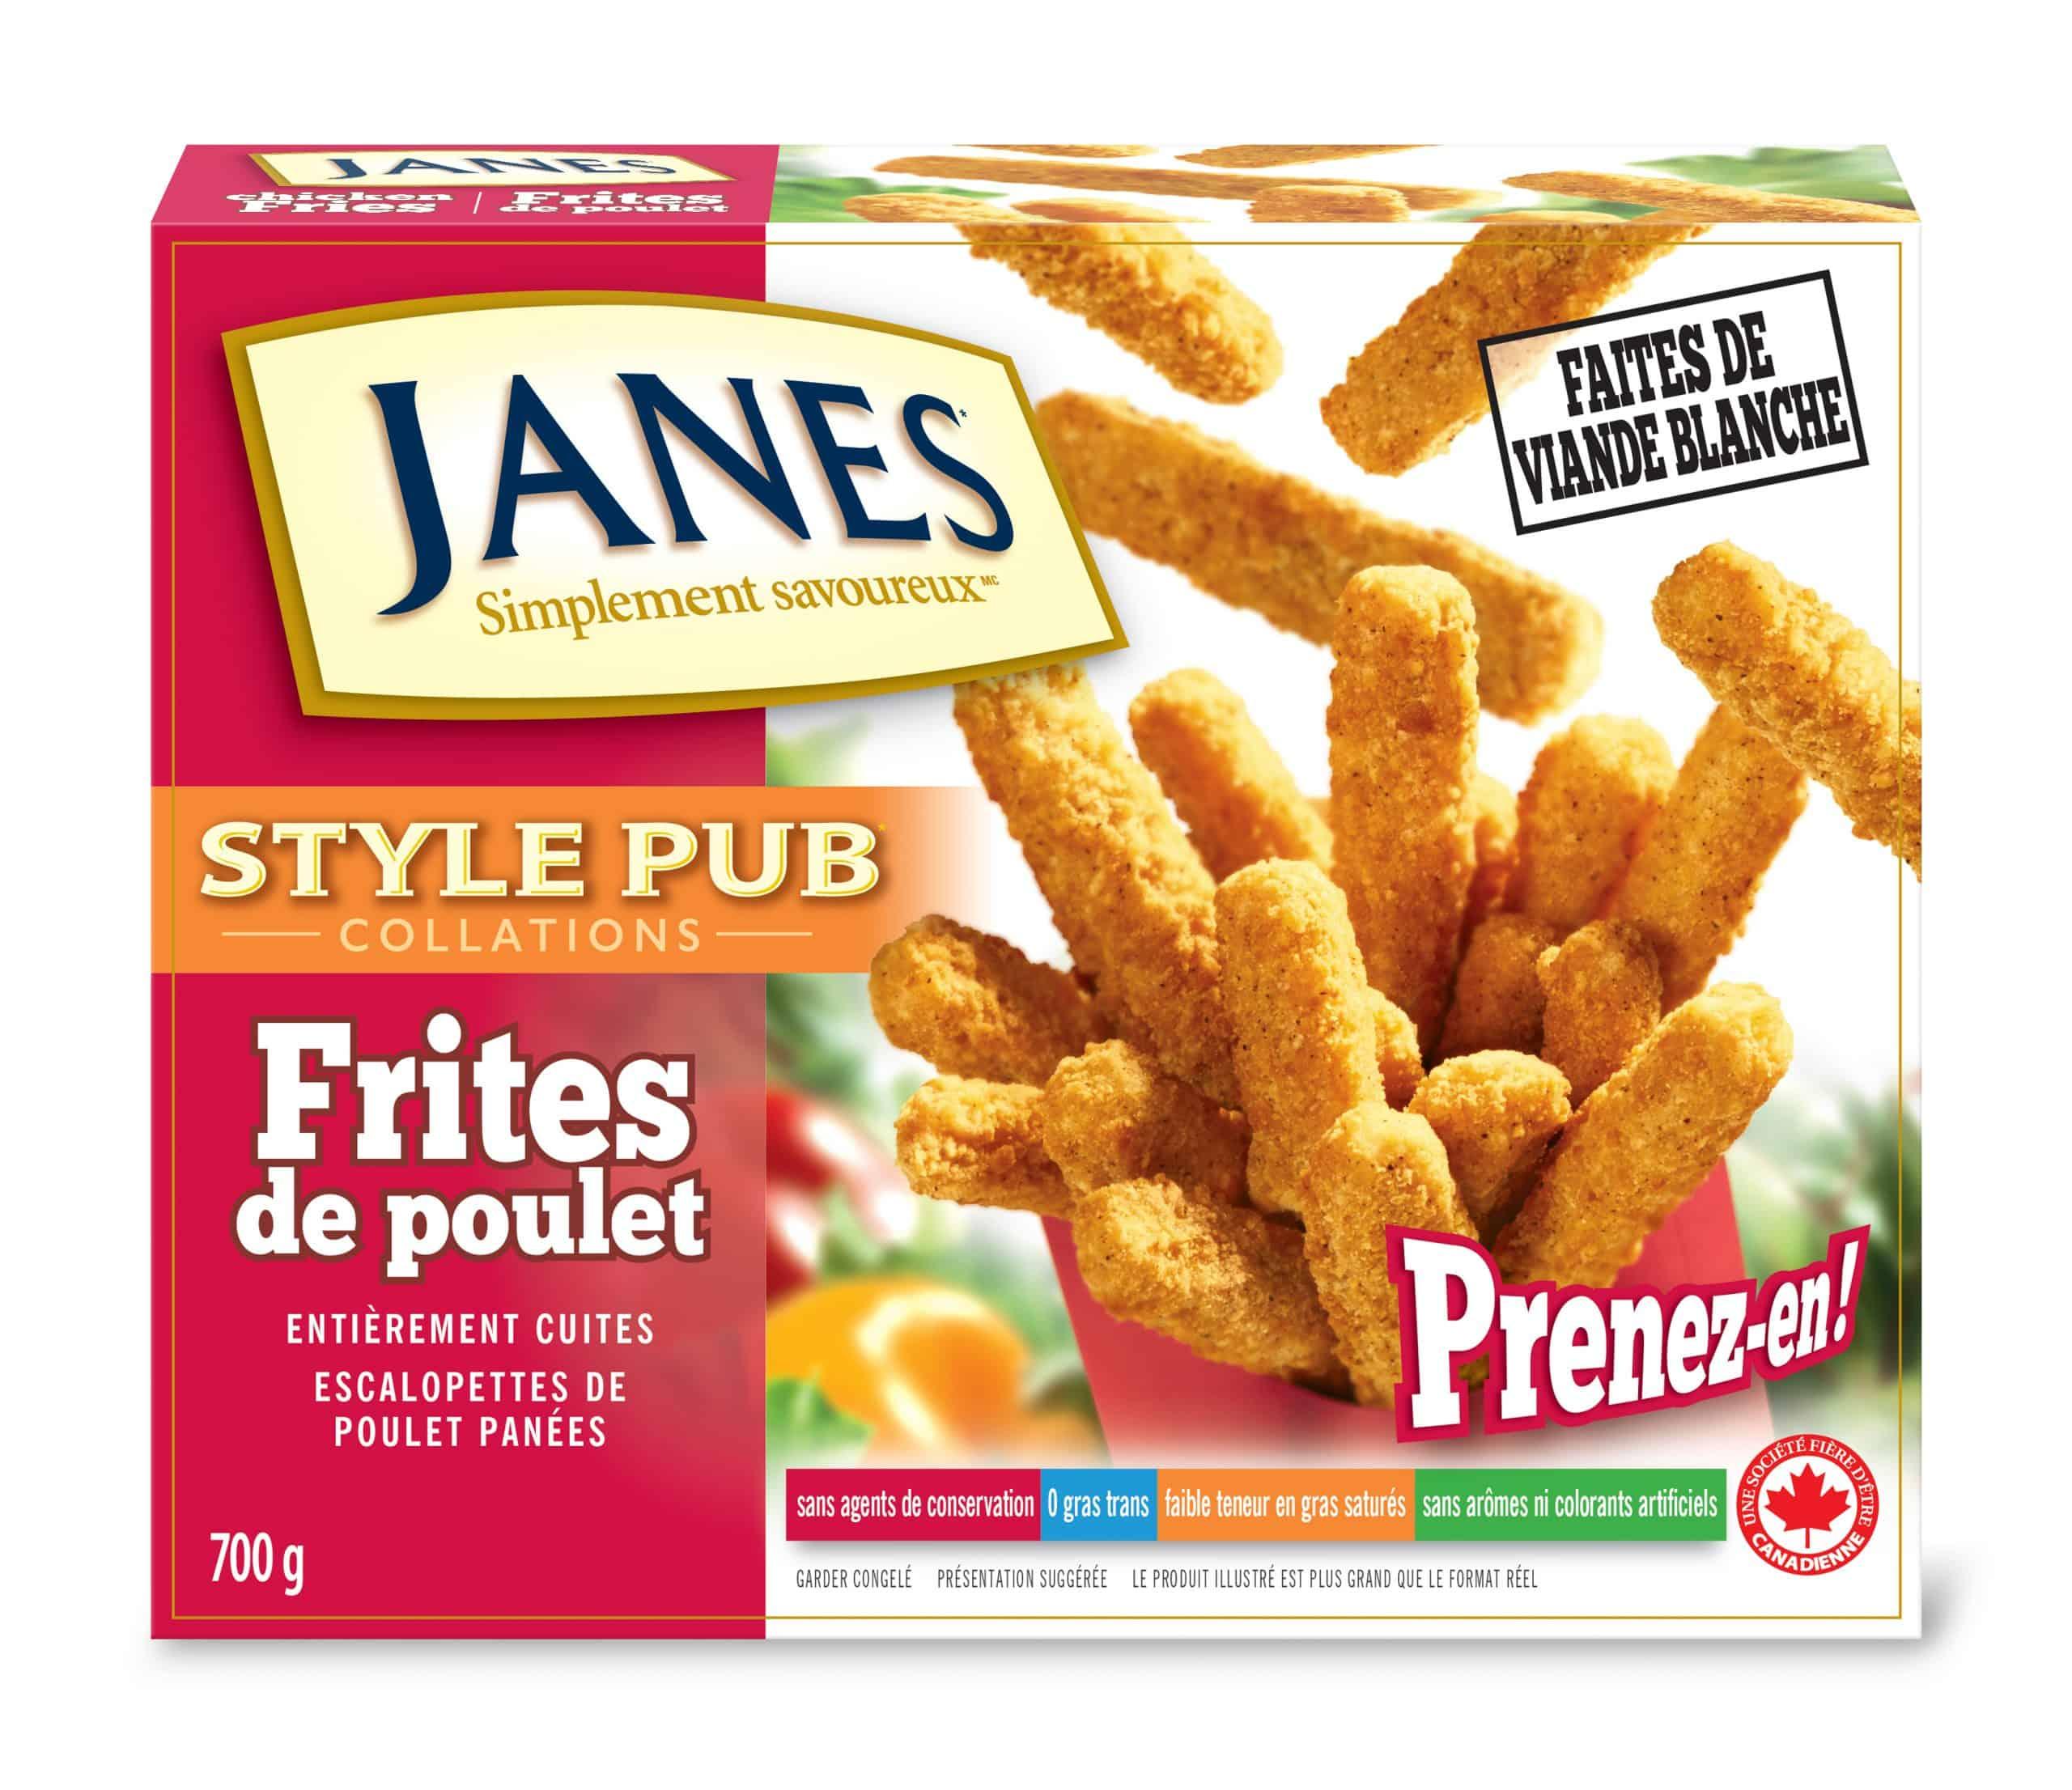 Frites de poulet de style pub